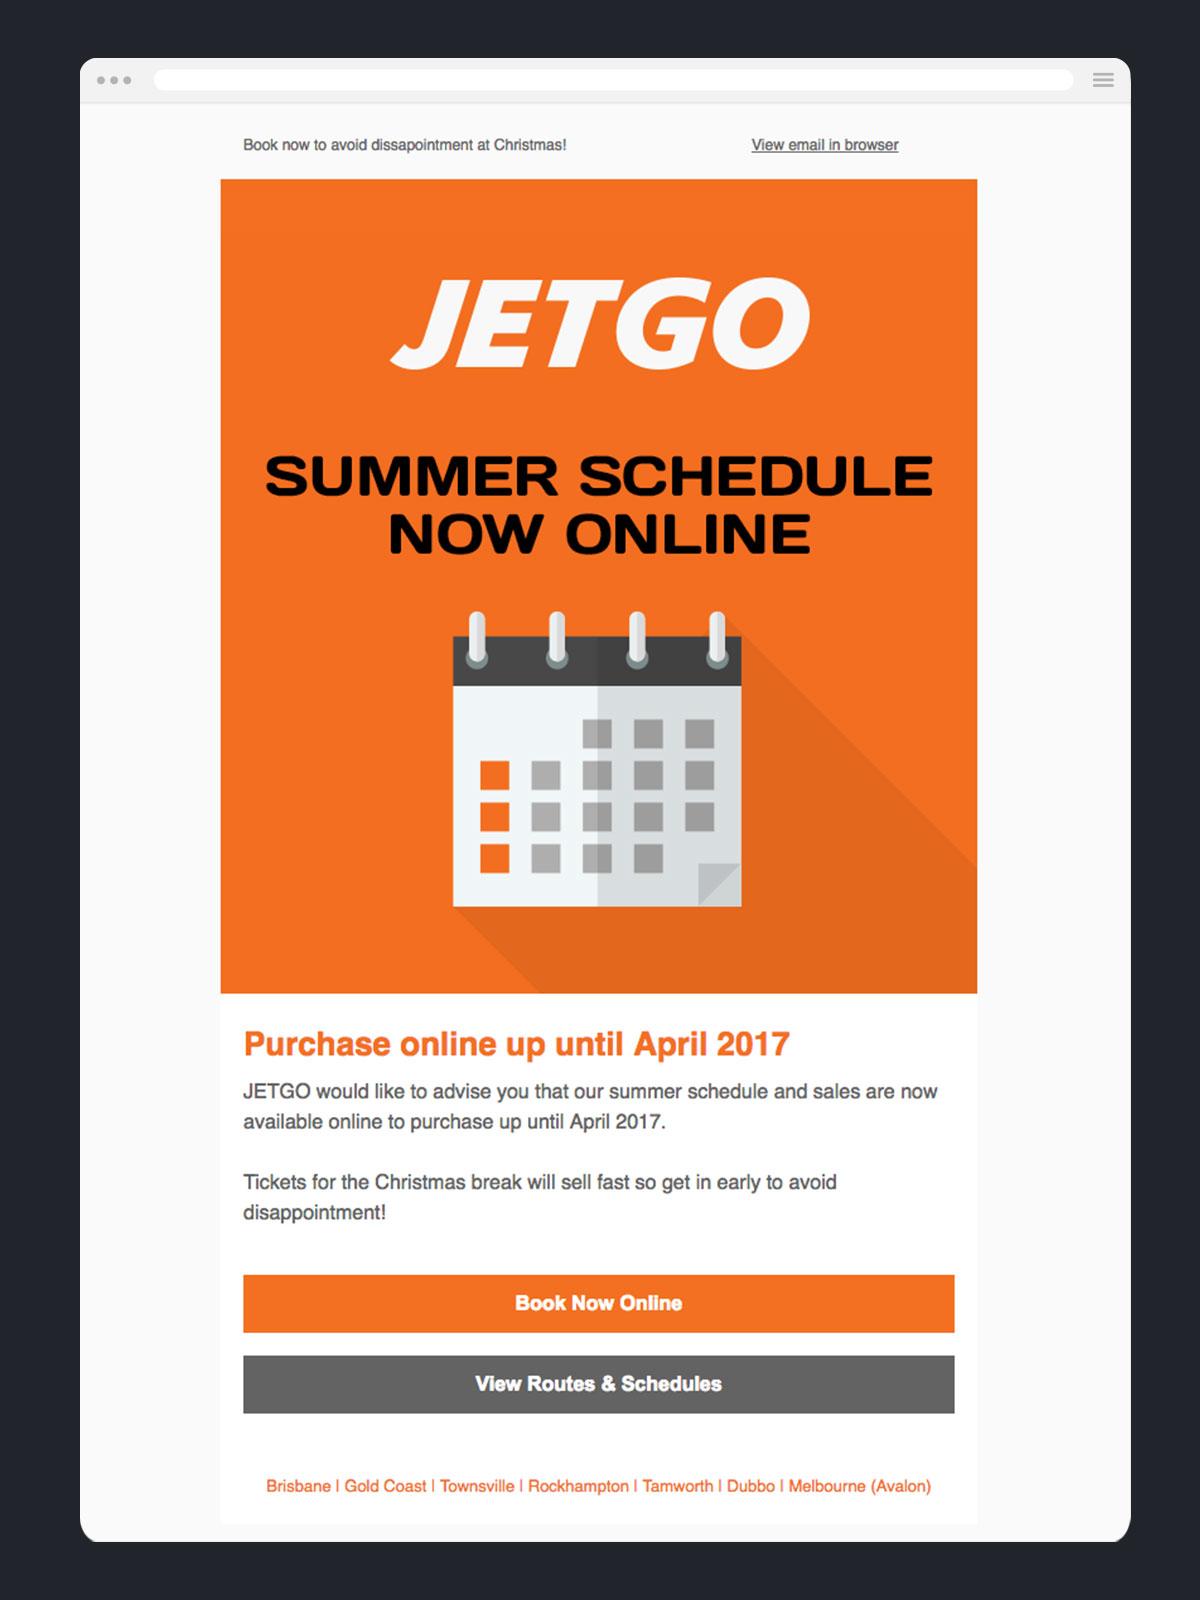 Email Marketing - JETGO